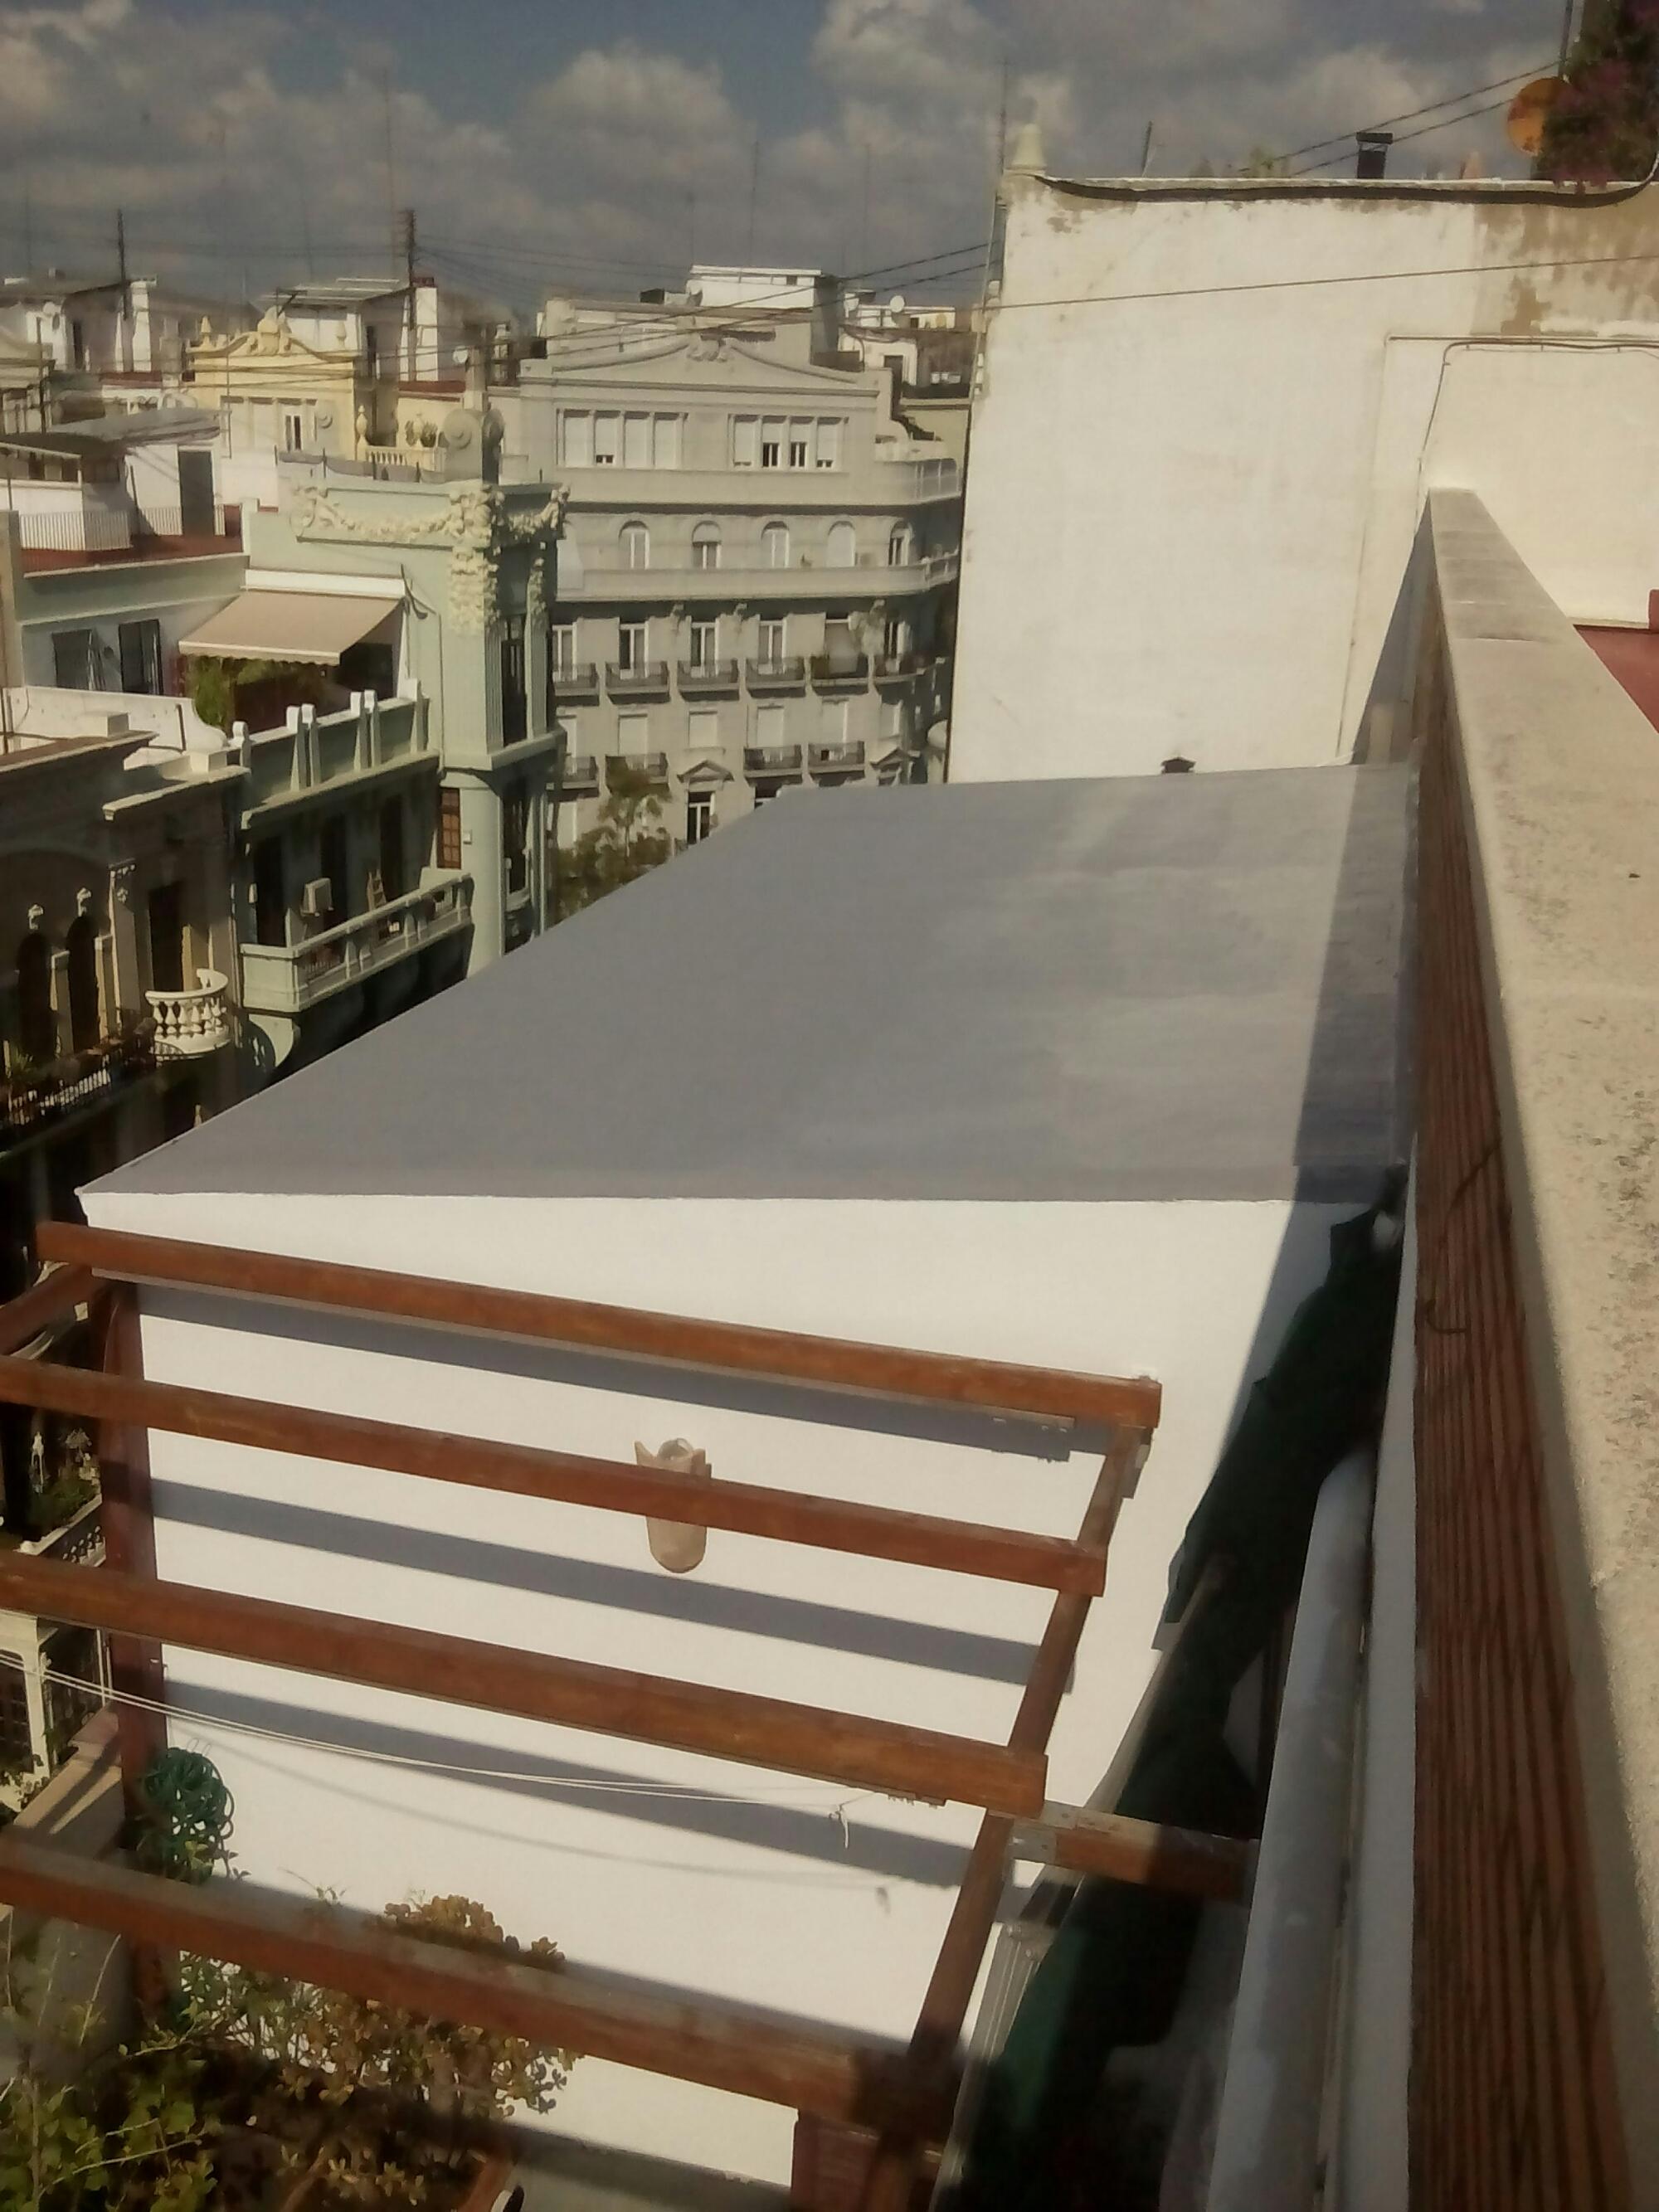 Impermeabilizaci n de tejado en valencia - Caucho para tejados ...